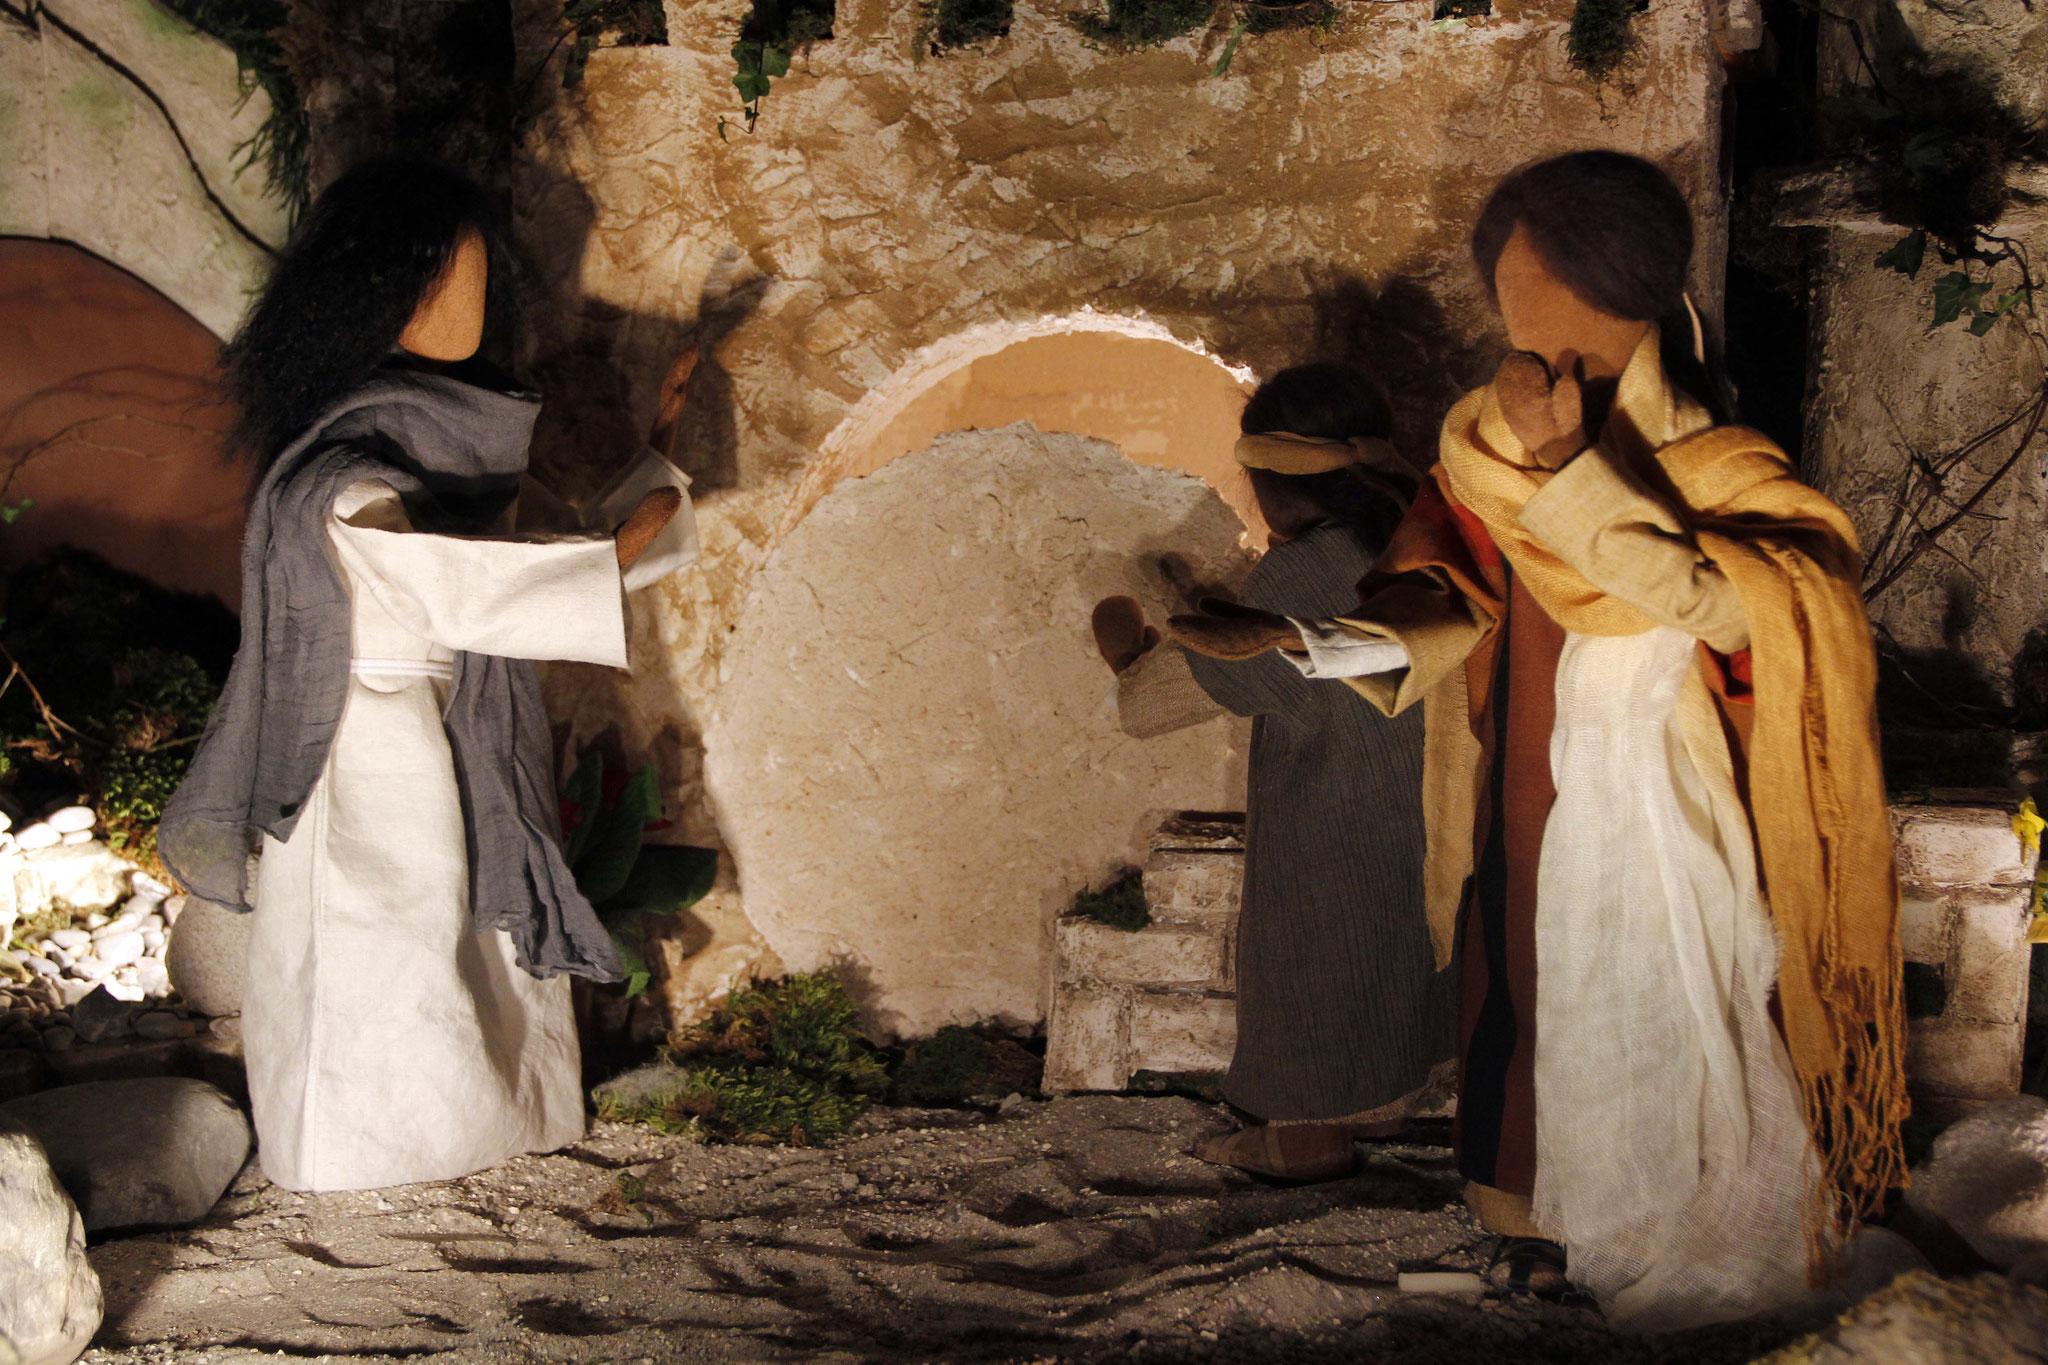 Jesus ging zum Grab. Es war eine Höhle, die mit einem Stein verschlossen war. Jesus sagte: Nehmt den Stein weg! Marta, die Schwester des Verstorbenen, entgegnete ihm: Herr, er riecht aber schon, denn es ist bereits der vierte Tag.